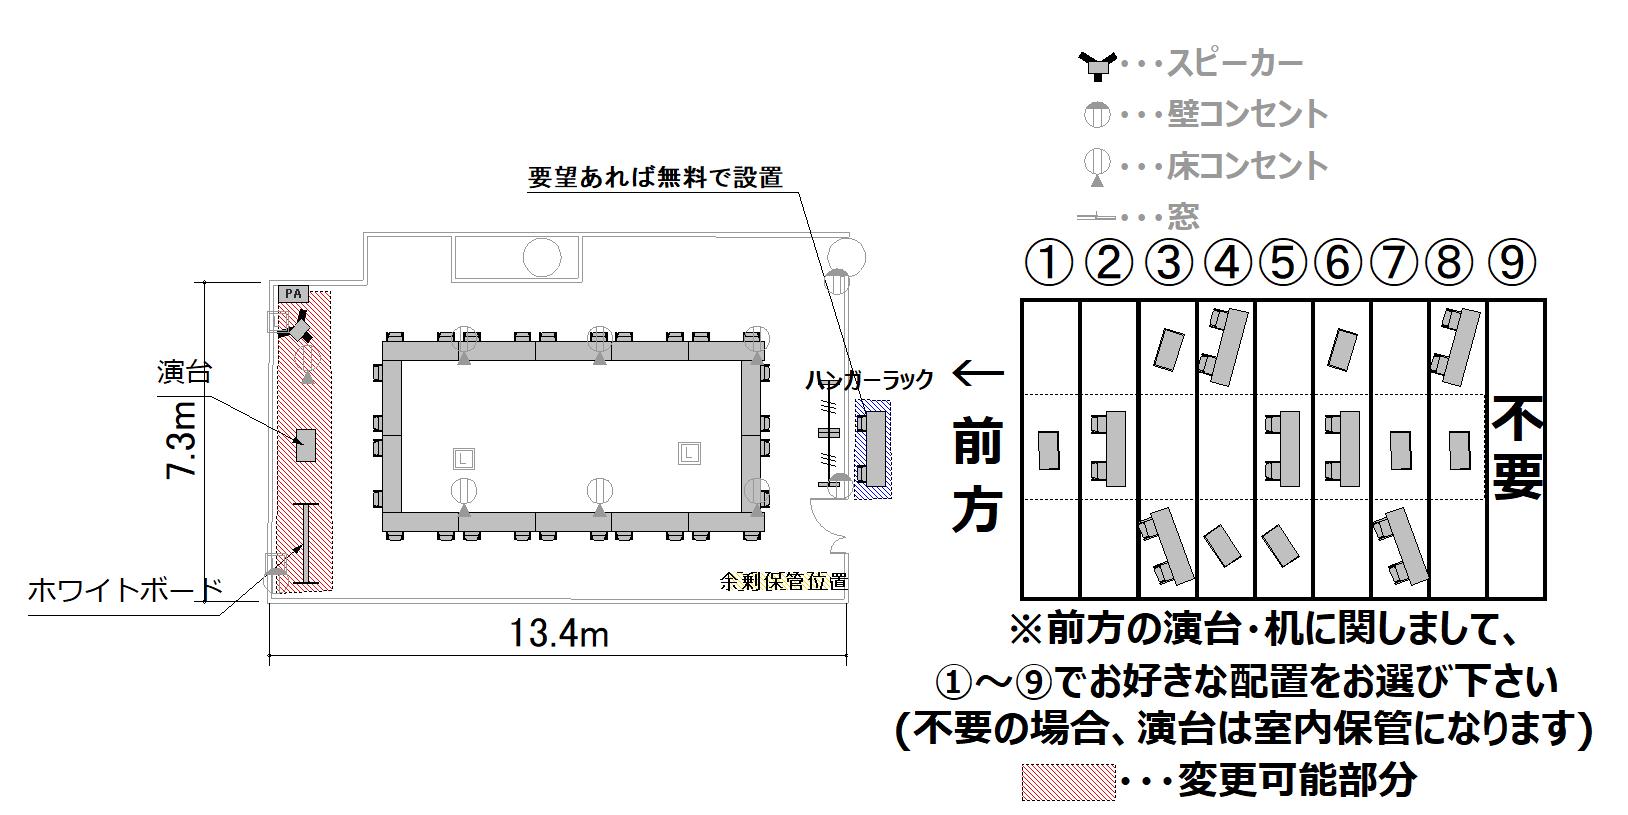 ロノ字:最大収容 28名